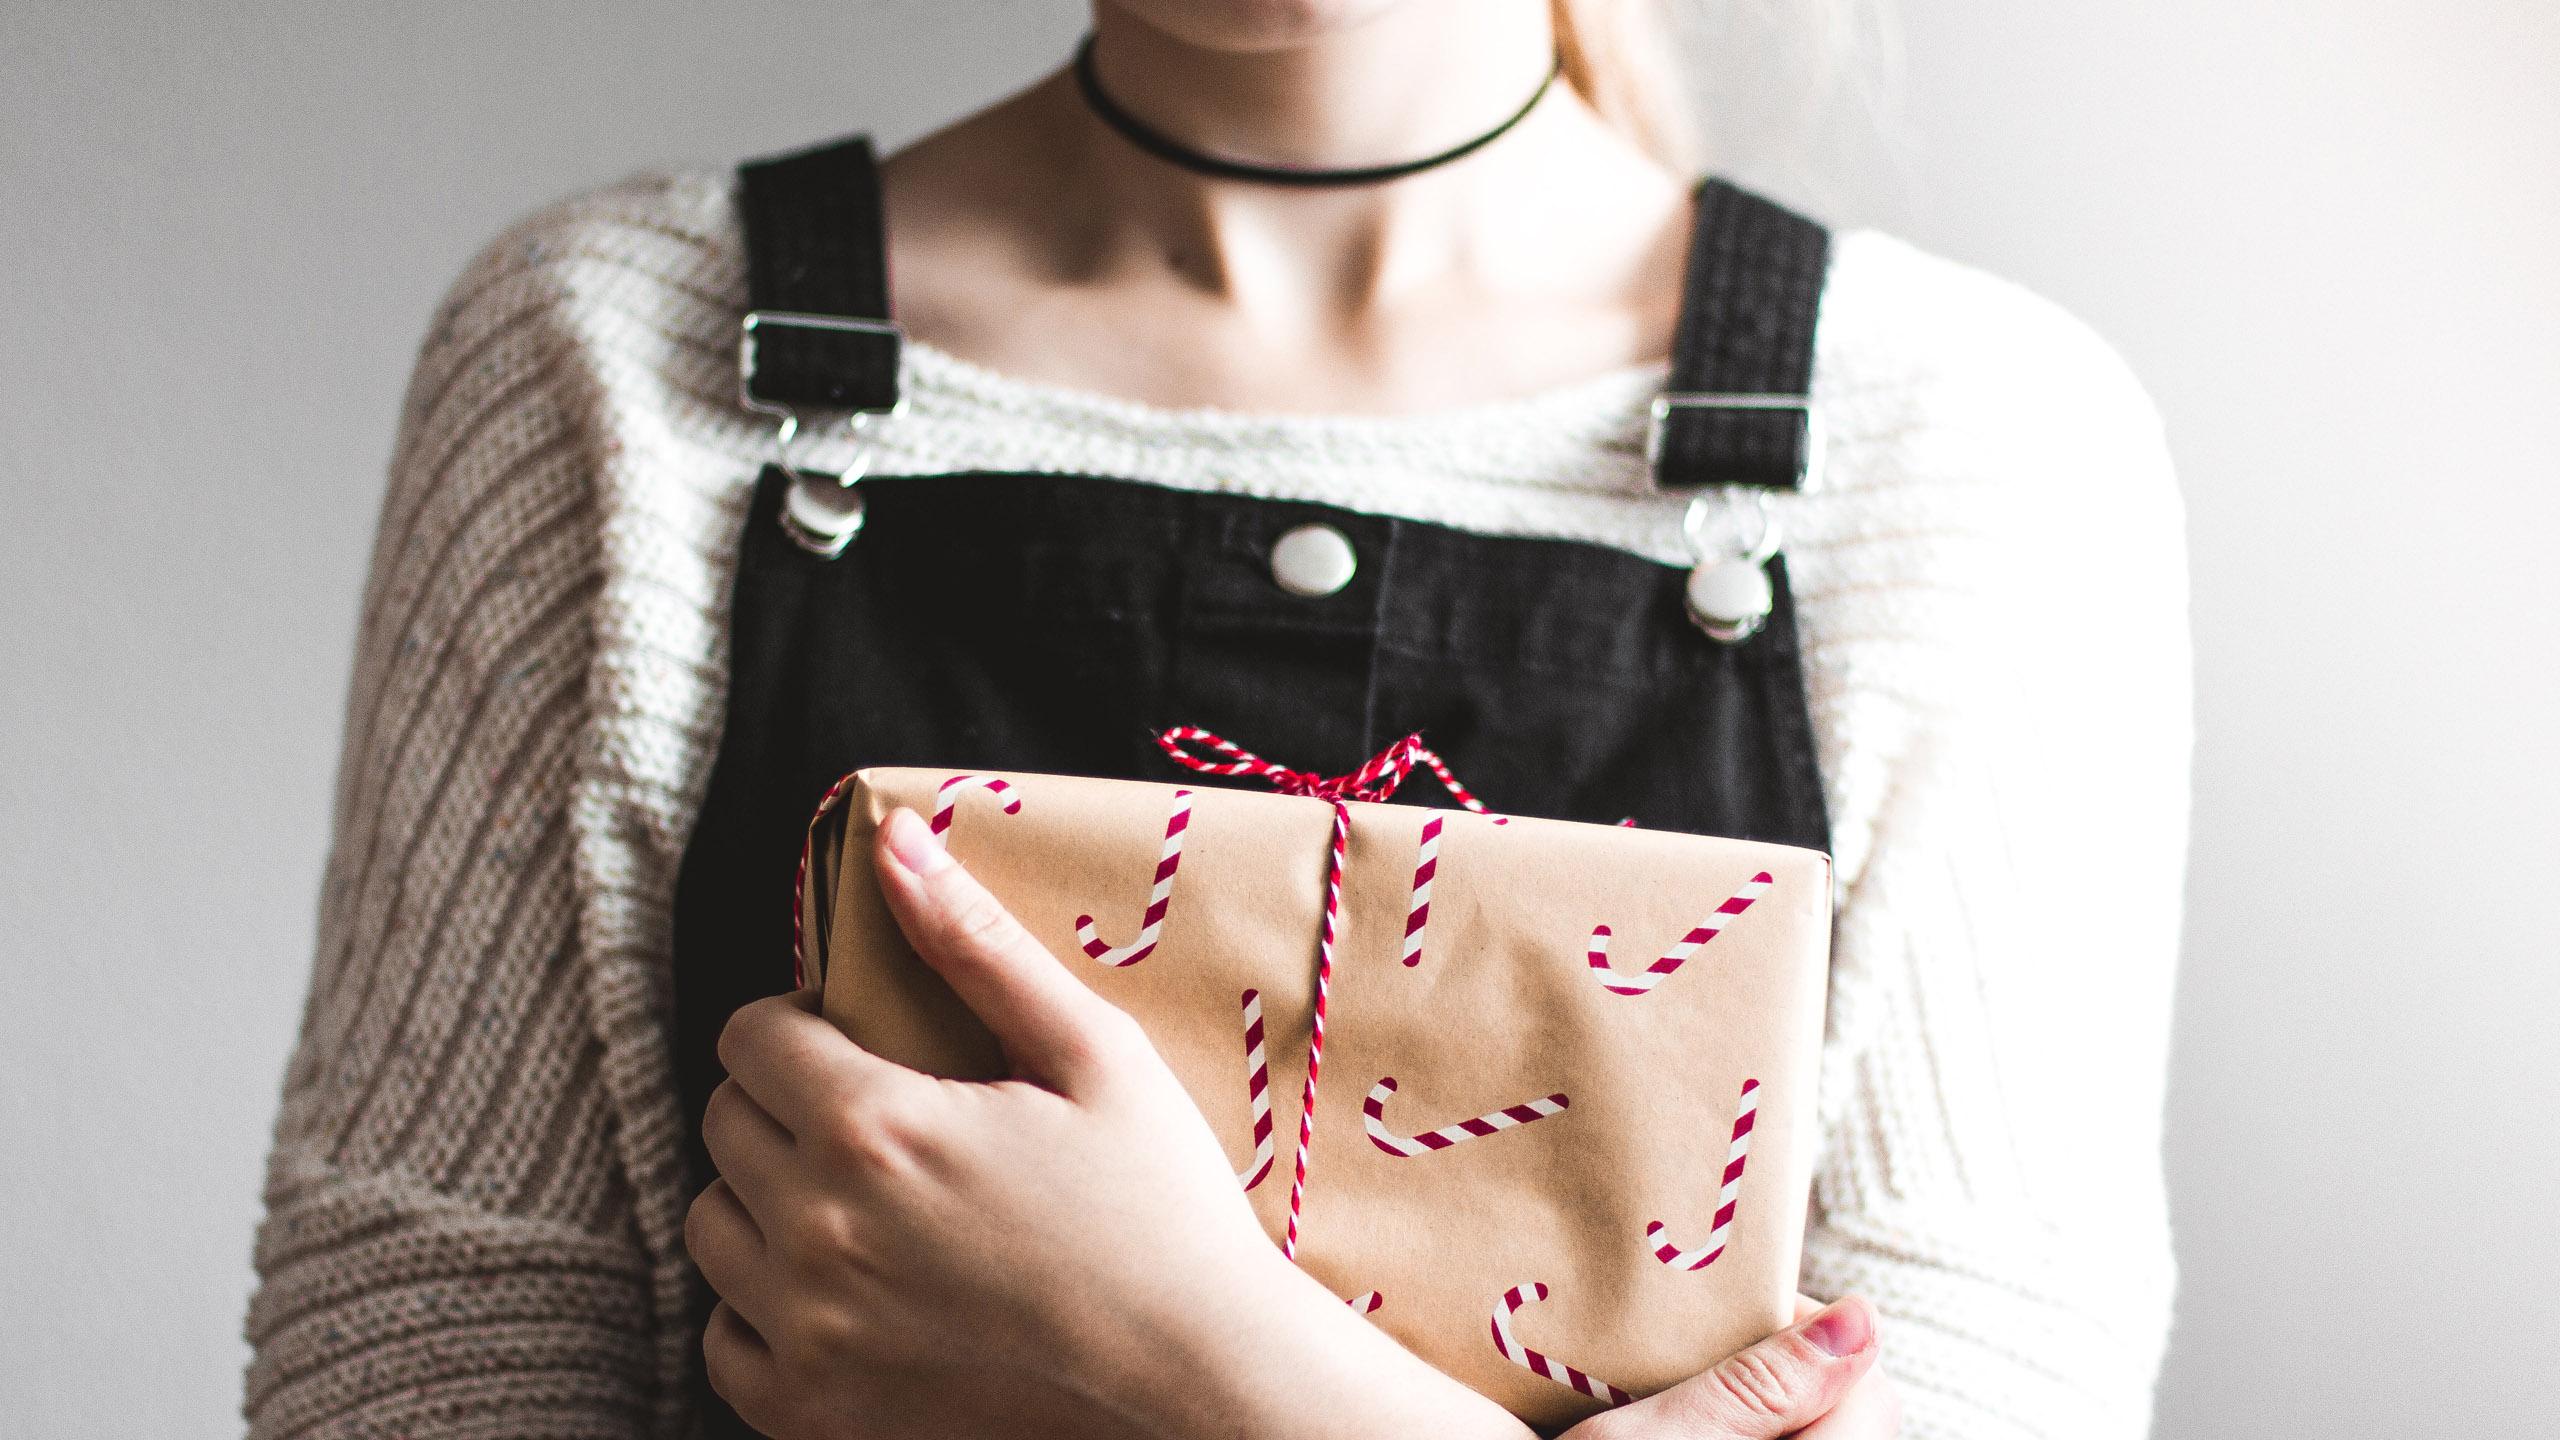 Surprise prize enter now Photofocus.com/celebrate